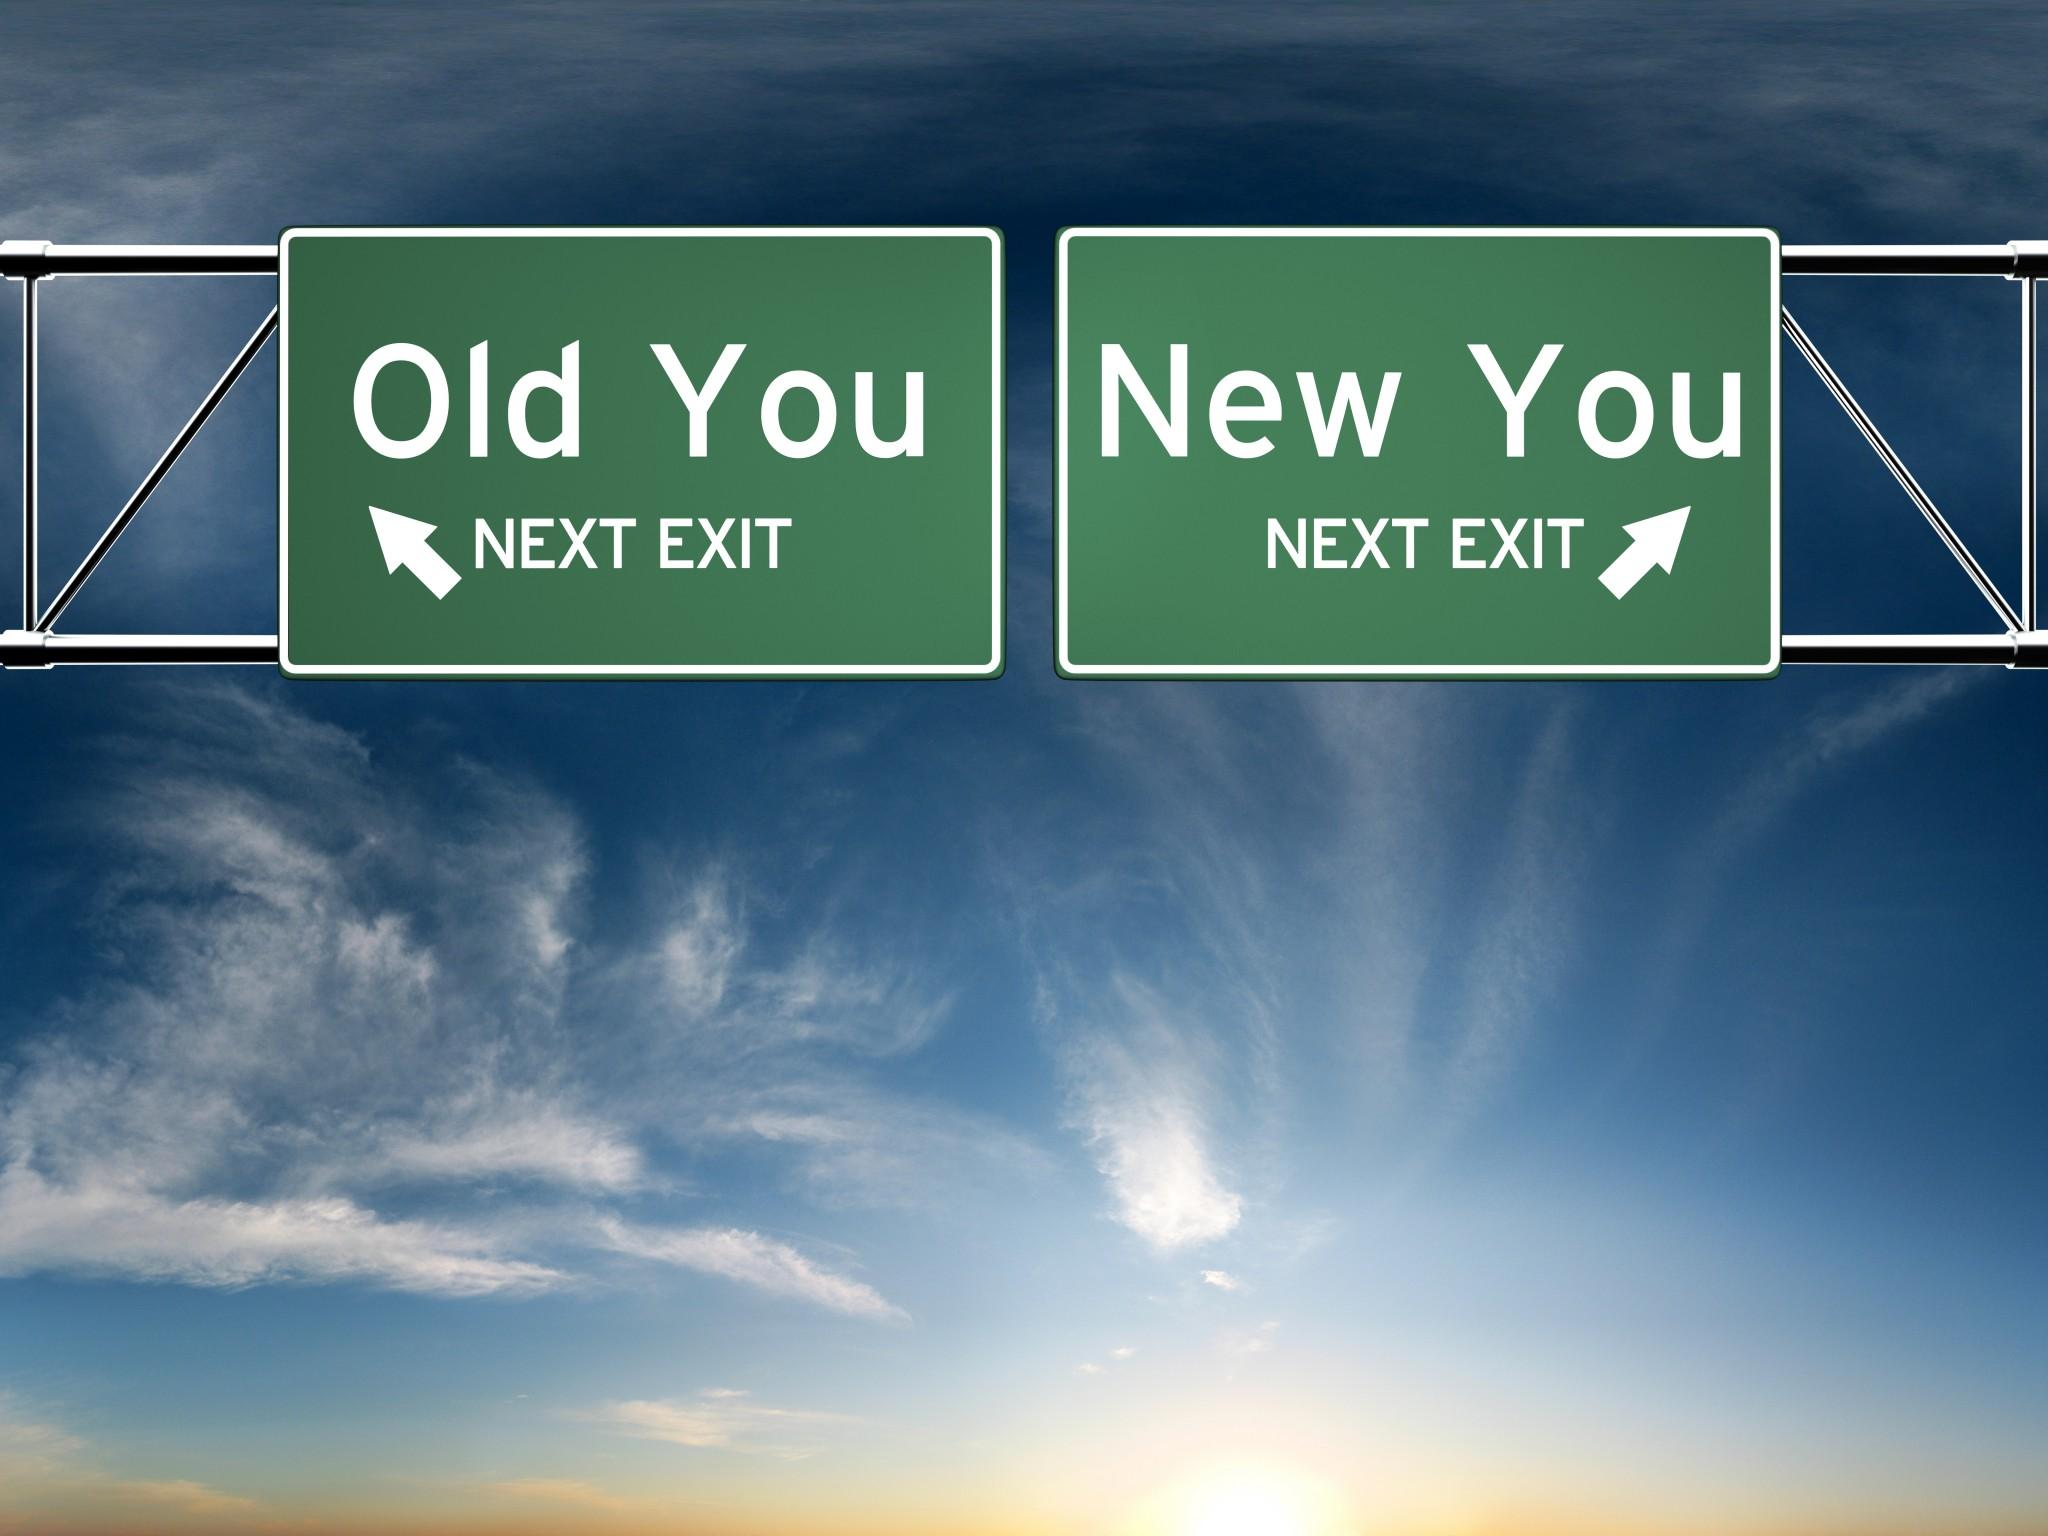 Welke keuze maak jij als jongere voor werk en studie voor een gelukkige toekomst? Kies vanuit je persoonlijkheid en wat jou talentvol en gelukkig maakt!